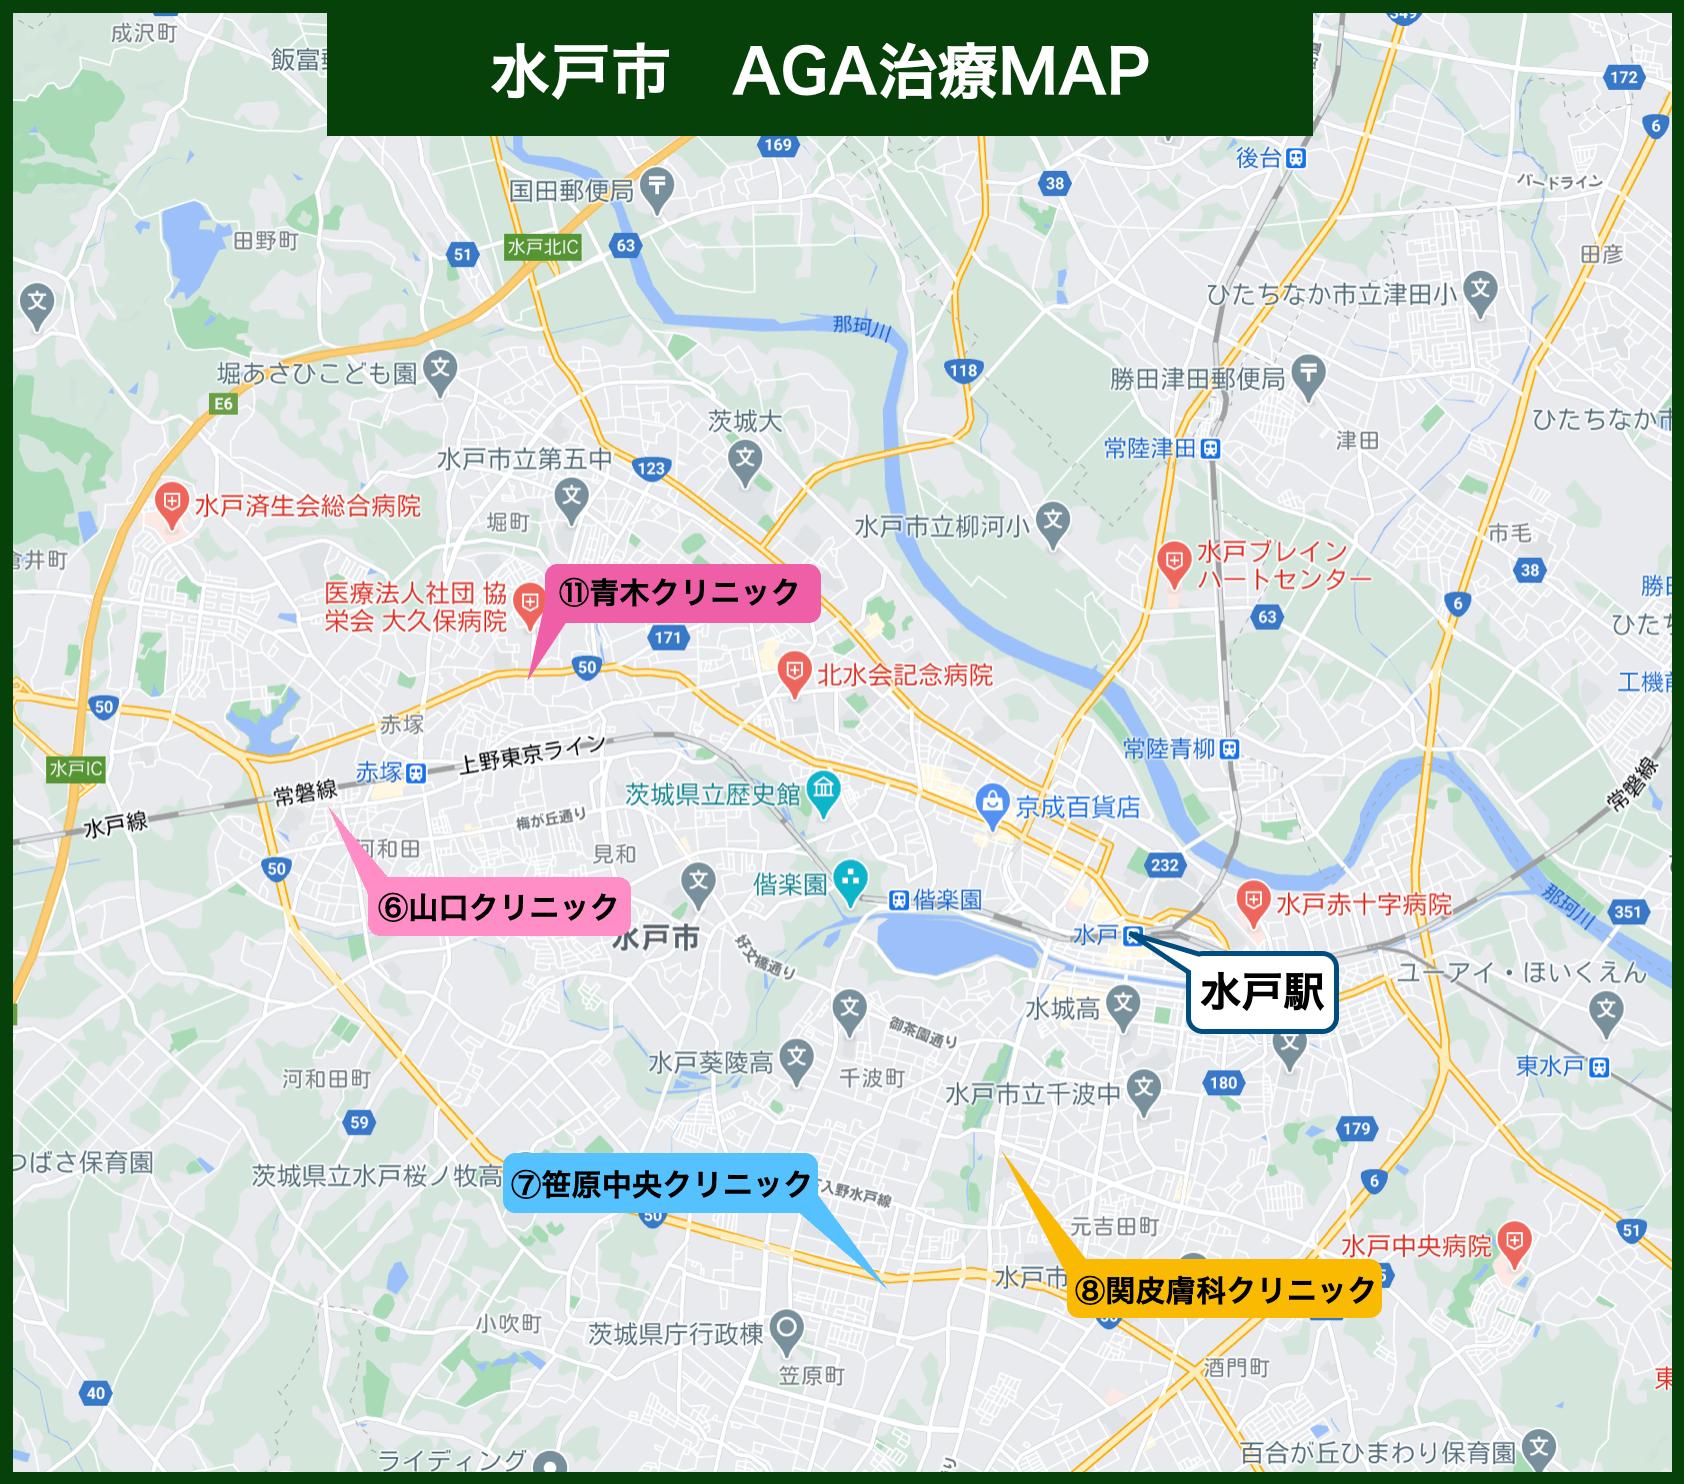 水戸市 AGA治療MAP